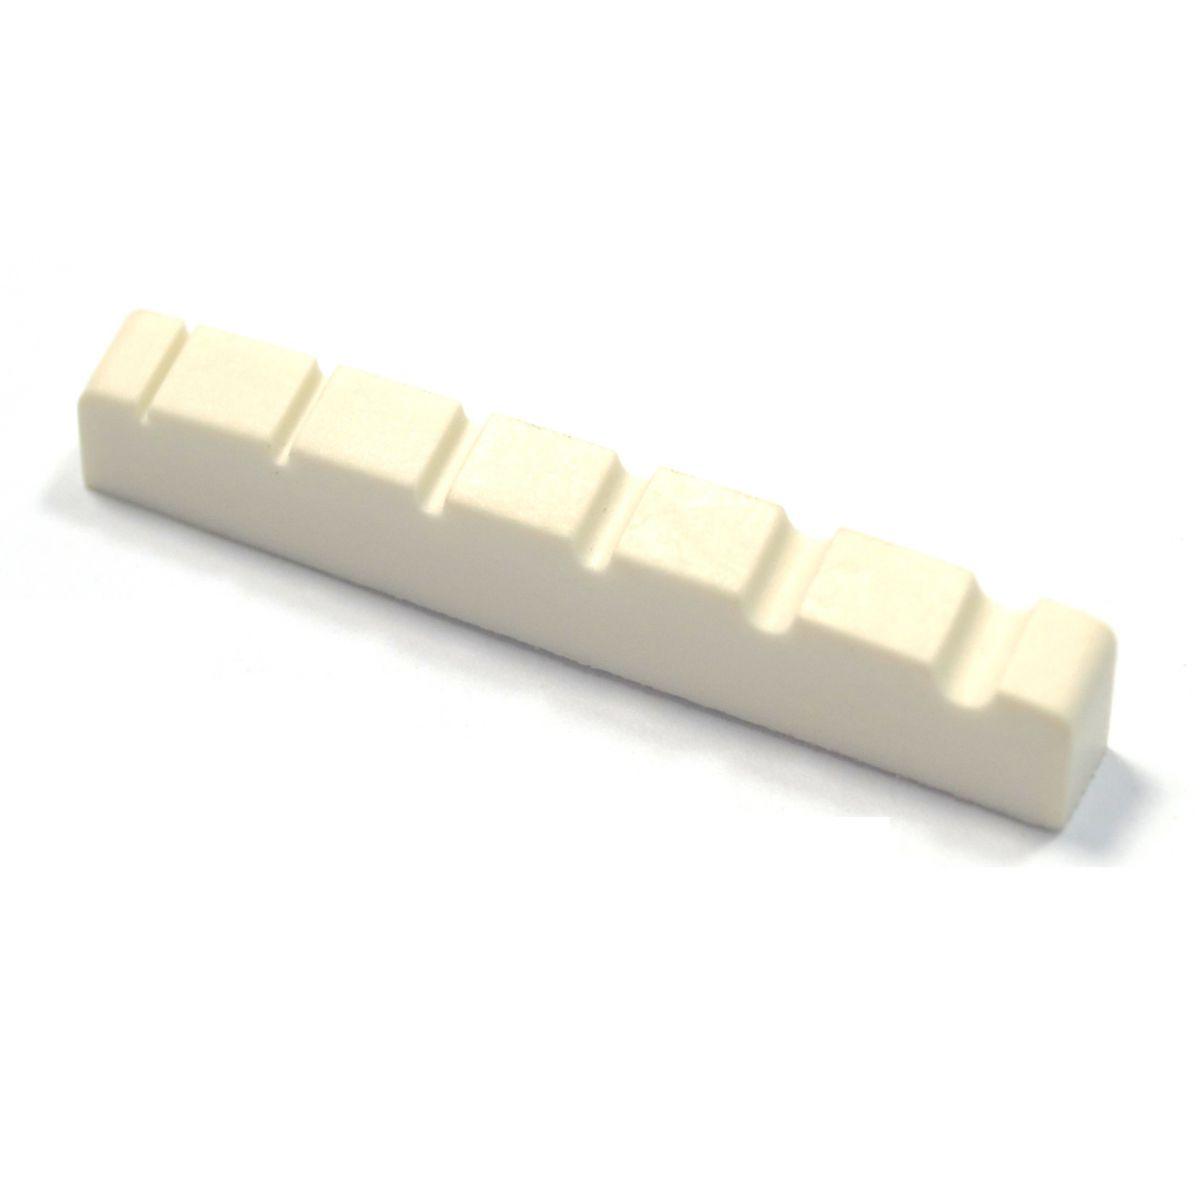 Nut de plástico cor branca para Baixo 6 cordas (53.9mm x 5.9mm x 8.9/8mm)  - Luthieria Brasil